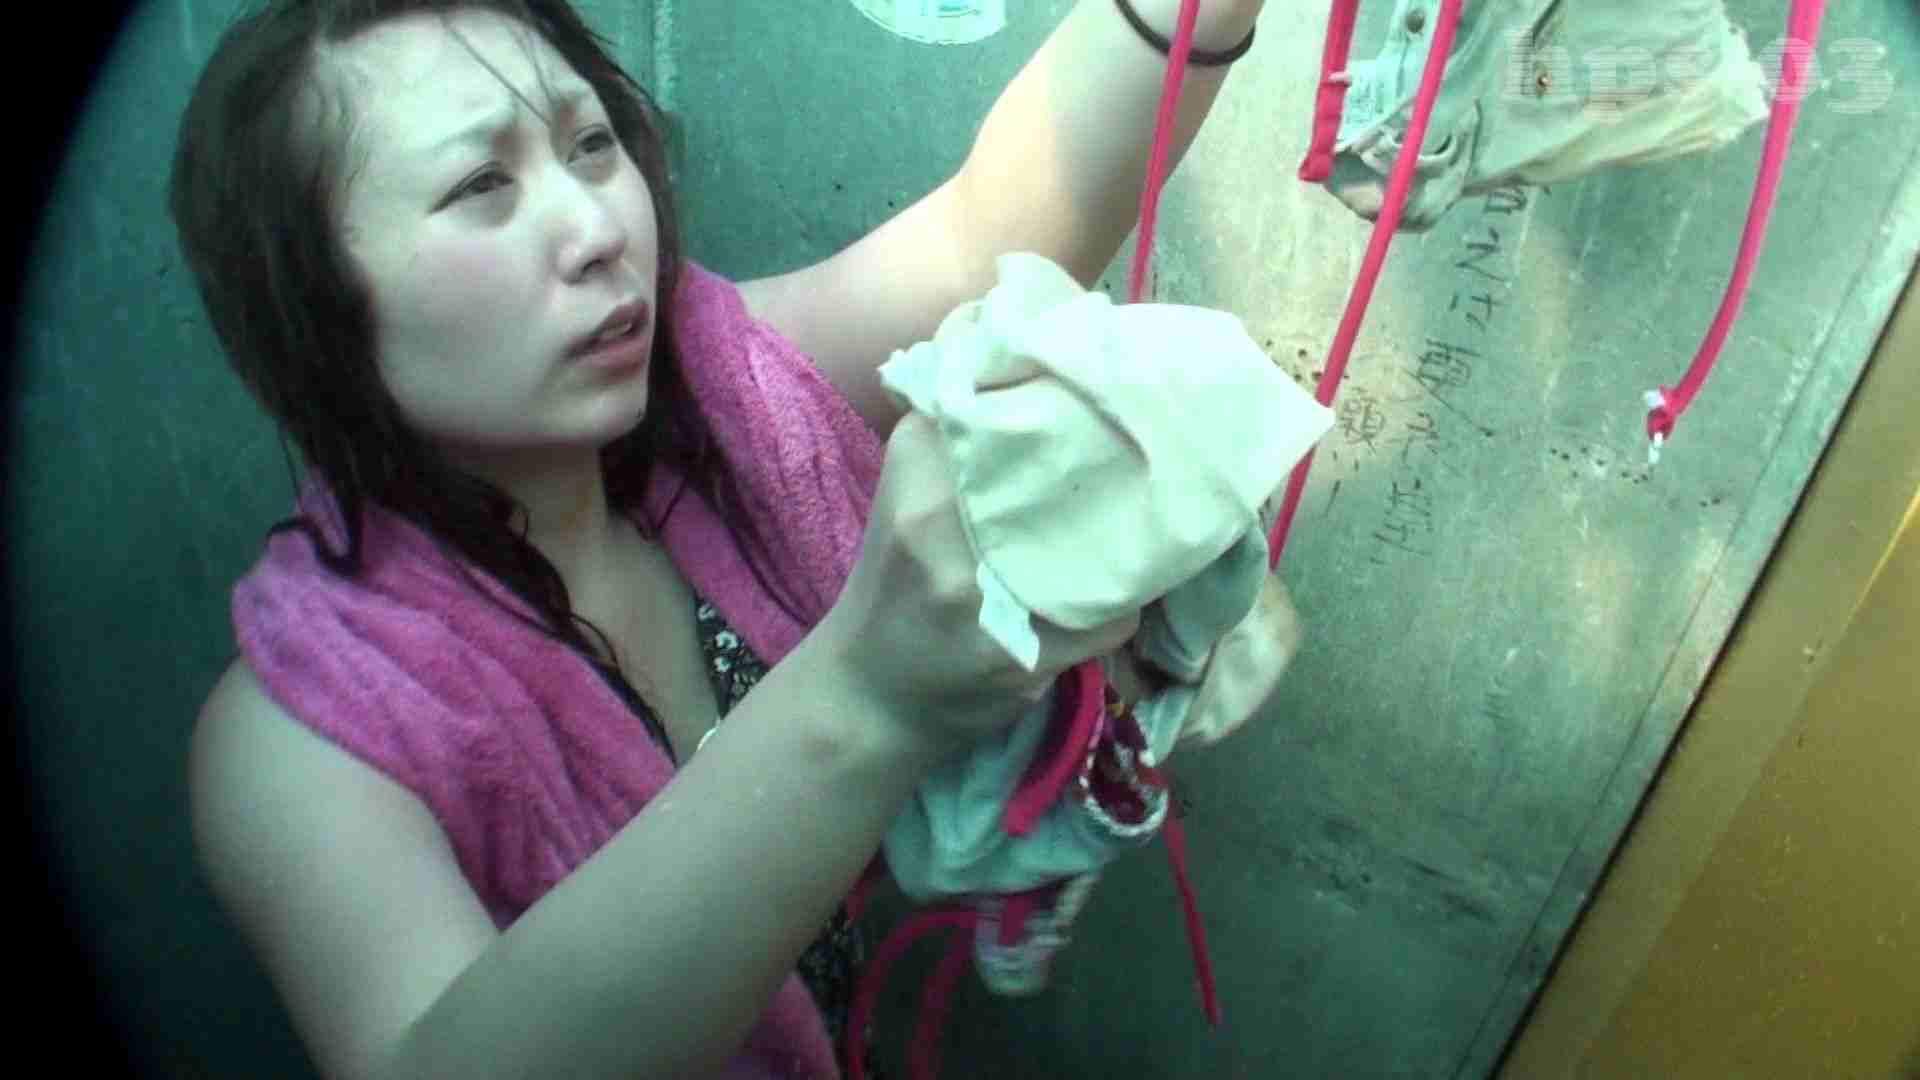 シャワールームは超!!危険な香りVol.3 ハートのタトゥーちょっとプヨってます。 シャワー | OLセックス  103画像 19